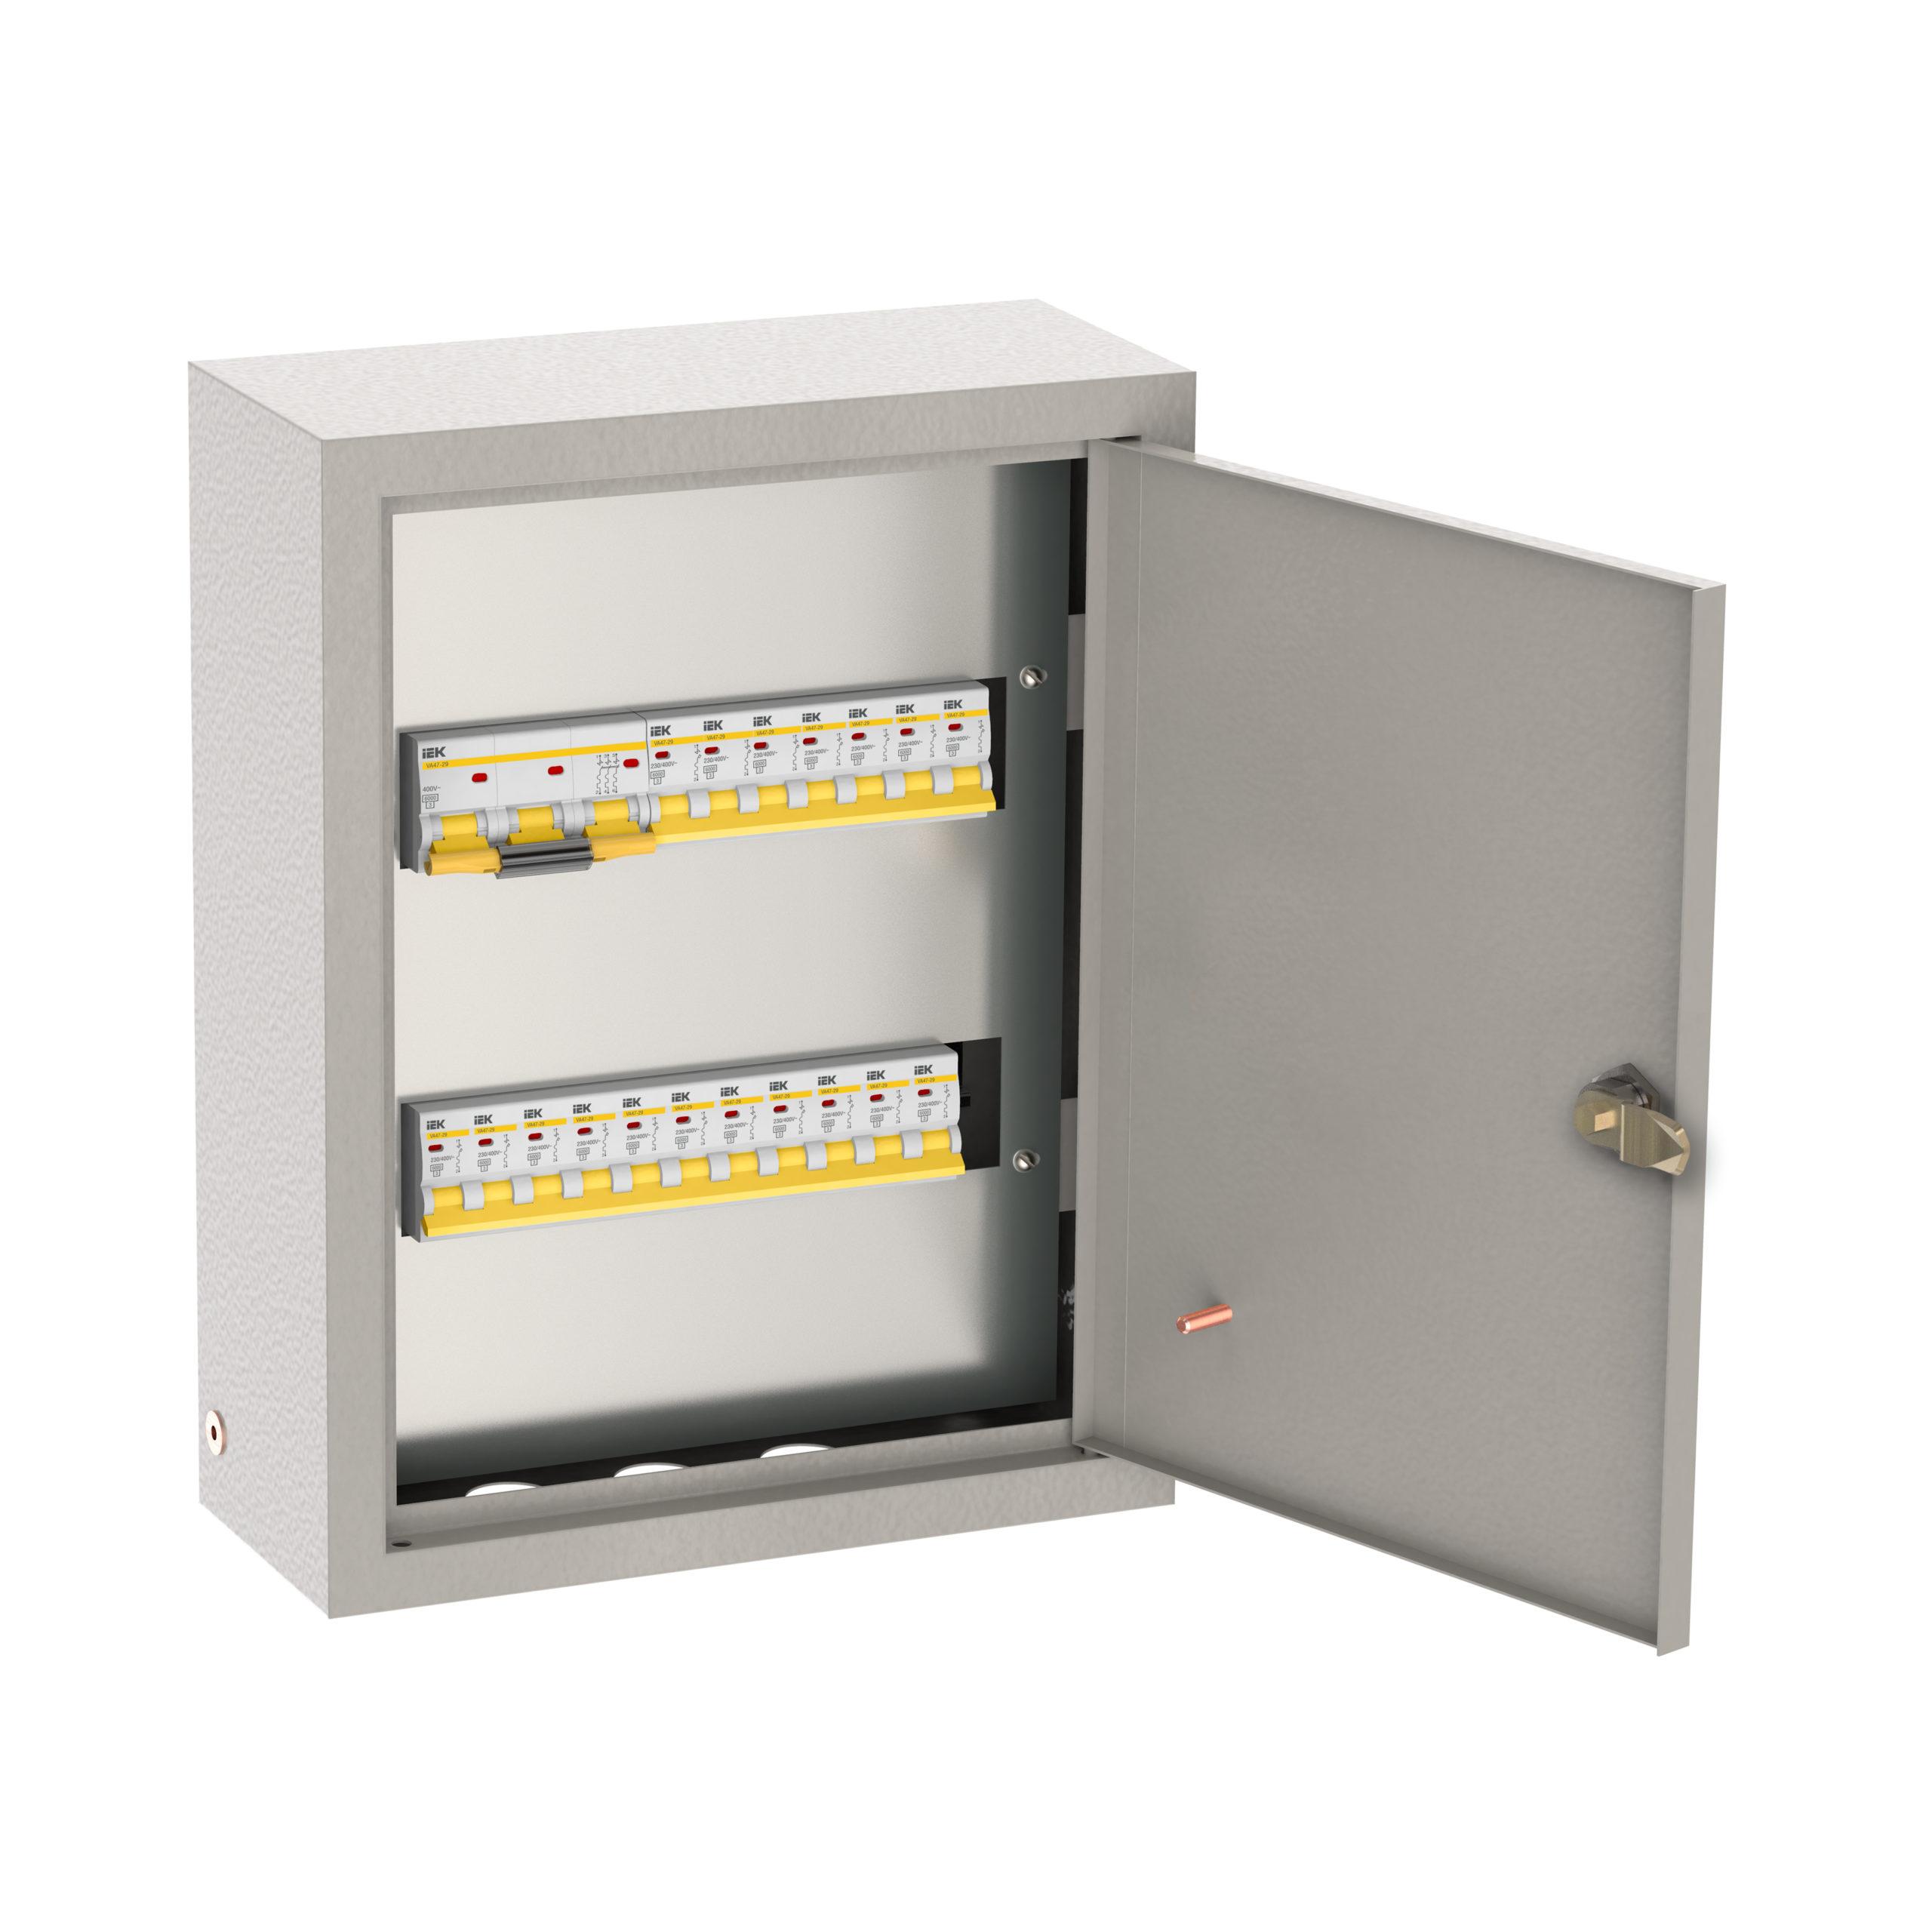 Щиток осветительный ОЩВ навесной с автоматическими выключателями 3p 1х63А 1p 12х25А IEK